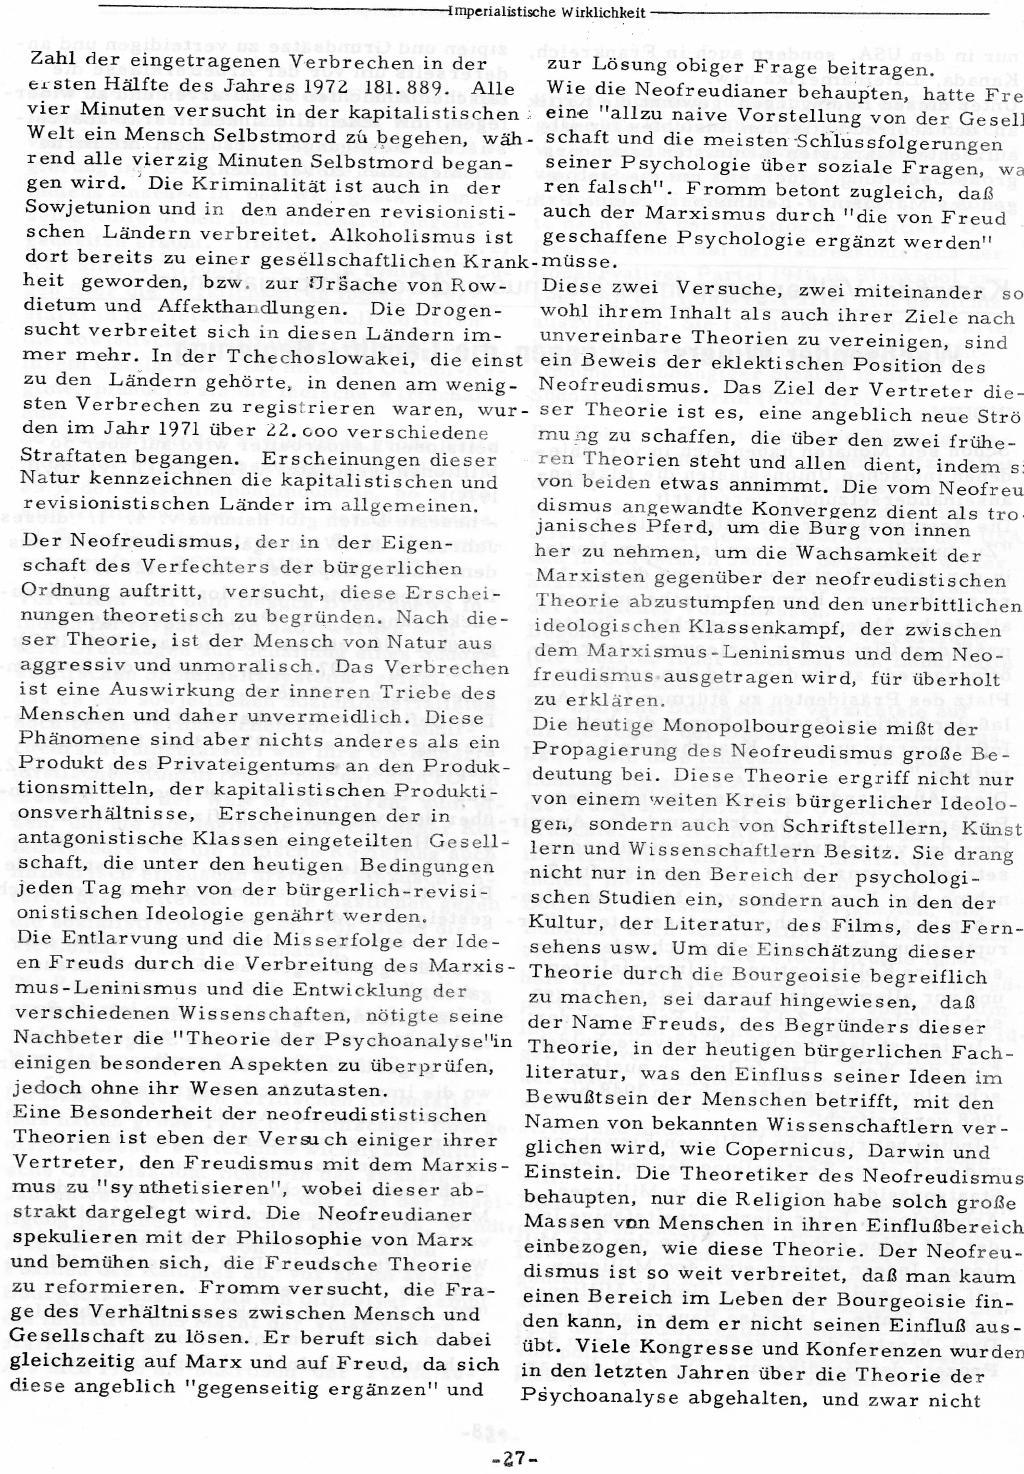 RPK_1974_07_08_27